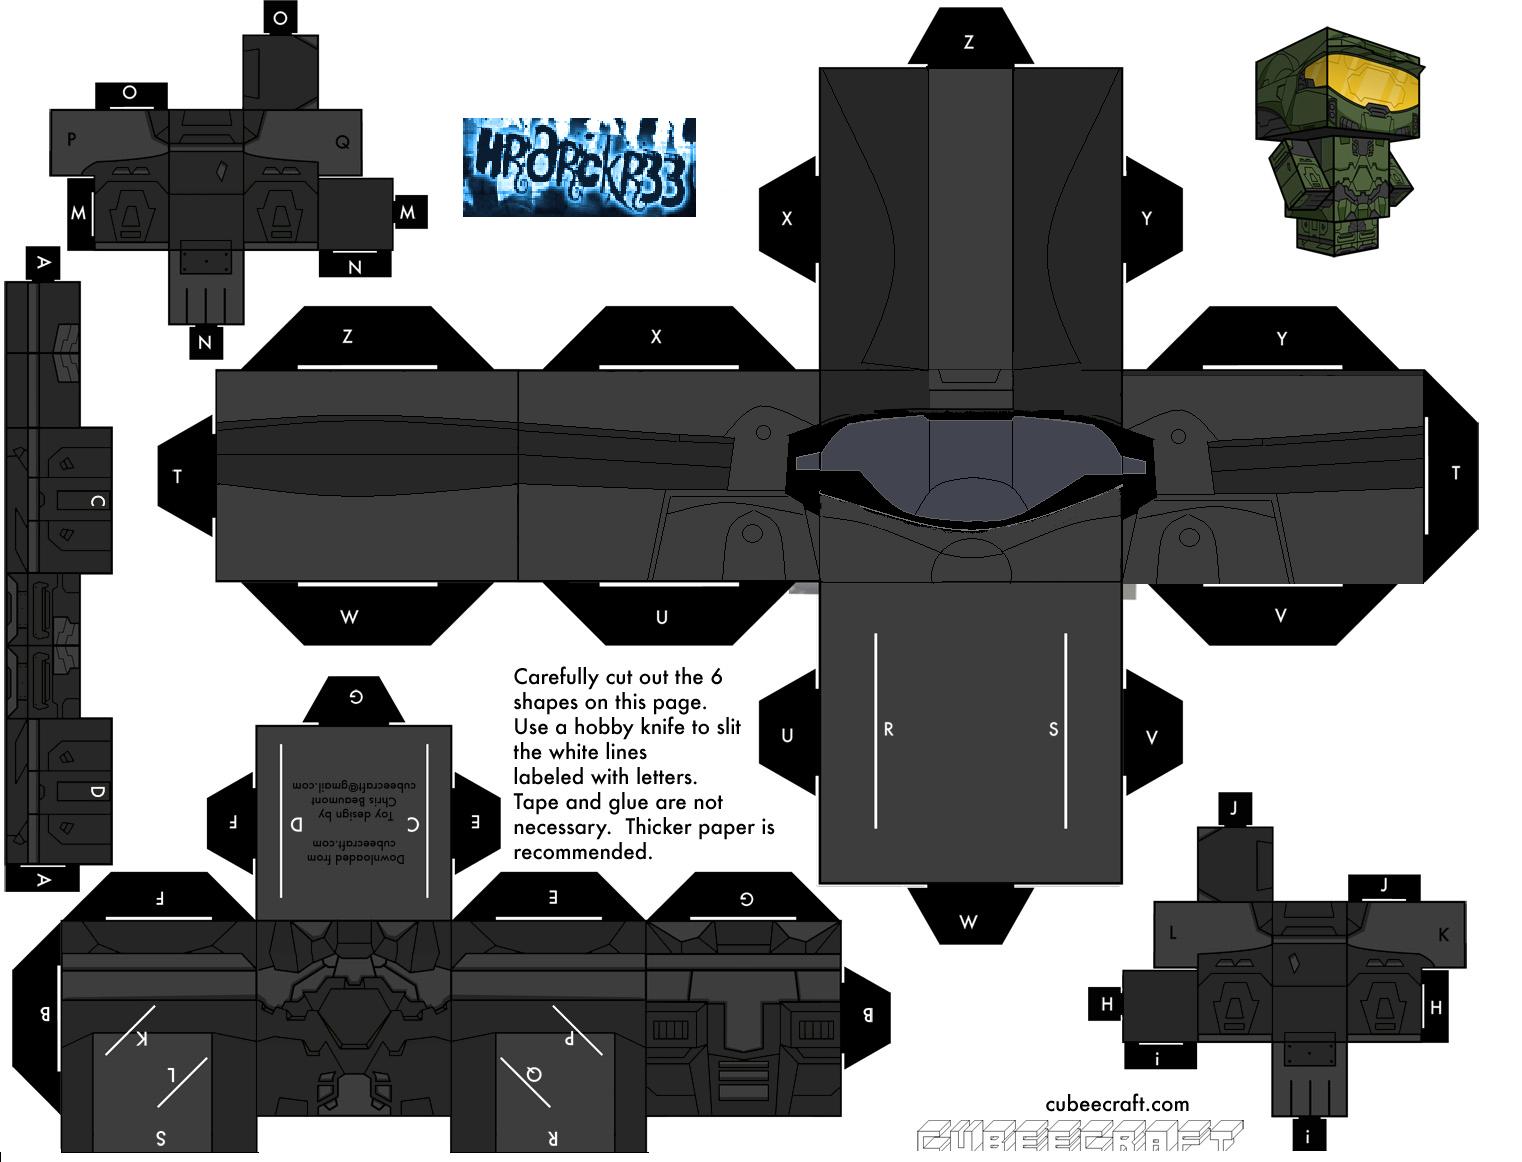 Cubee halo odst by hrdrckr33 on deviantart